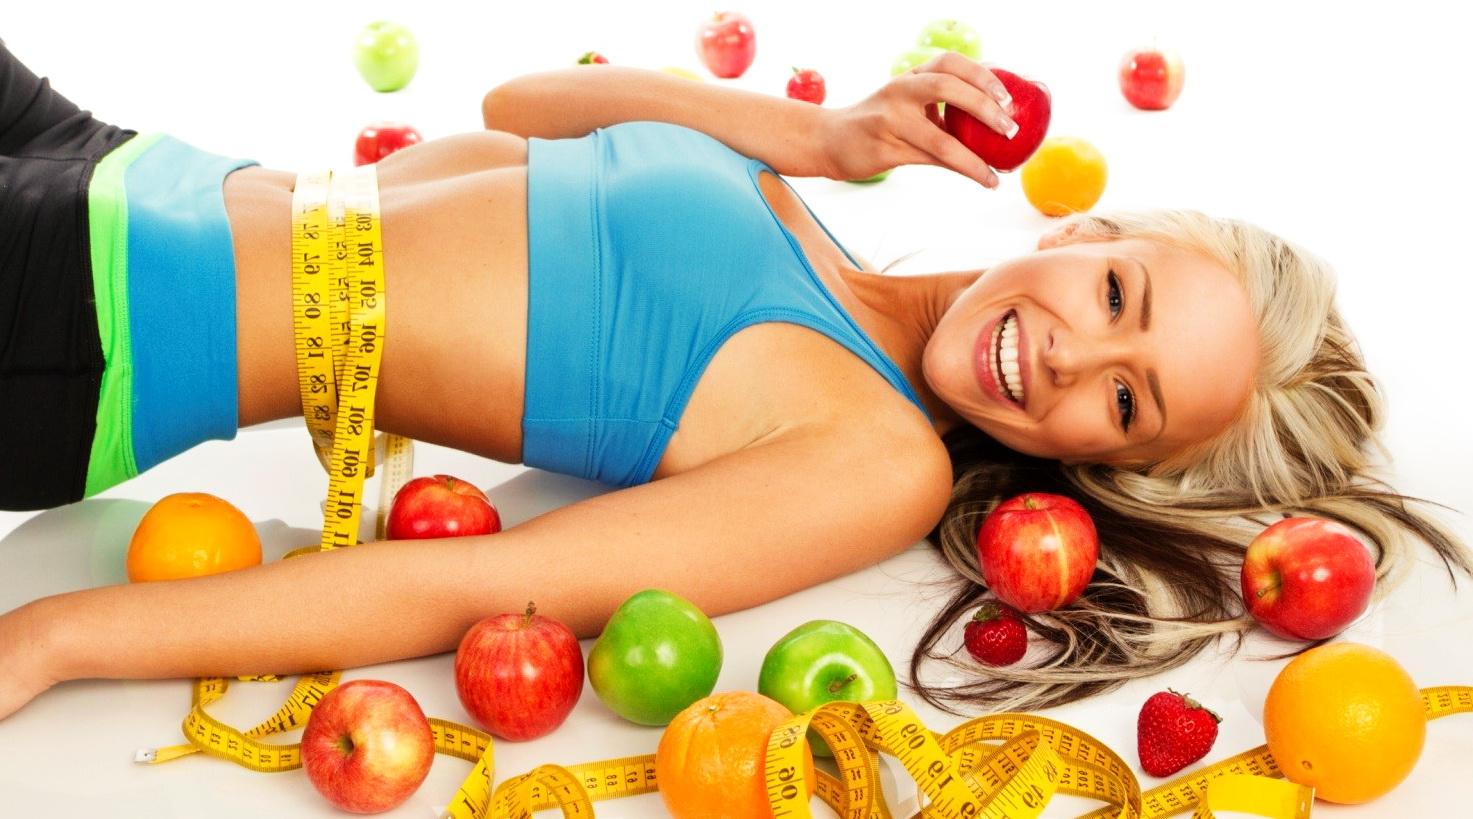 диета для похудения 5 разовое питание